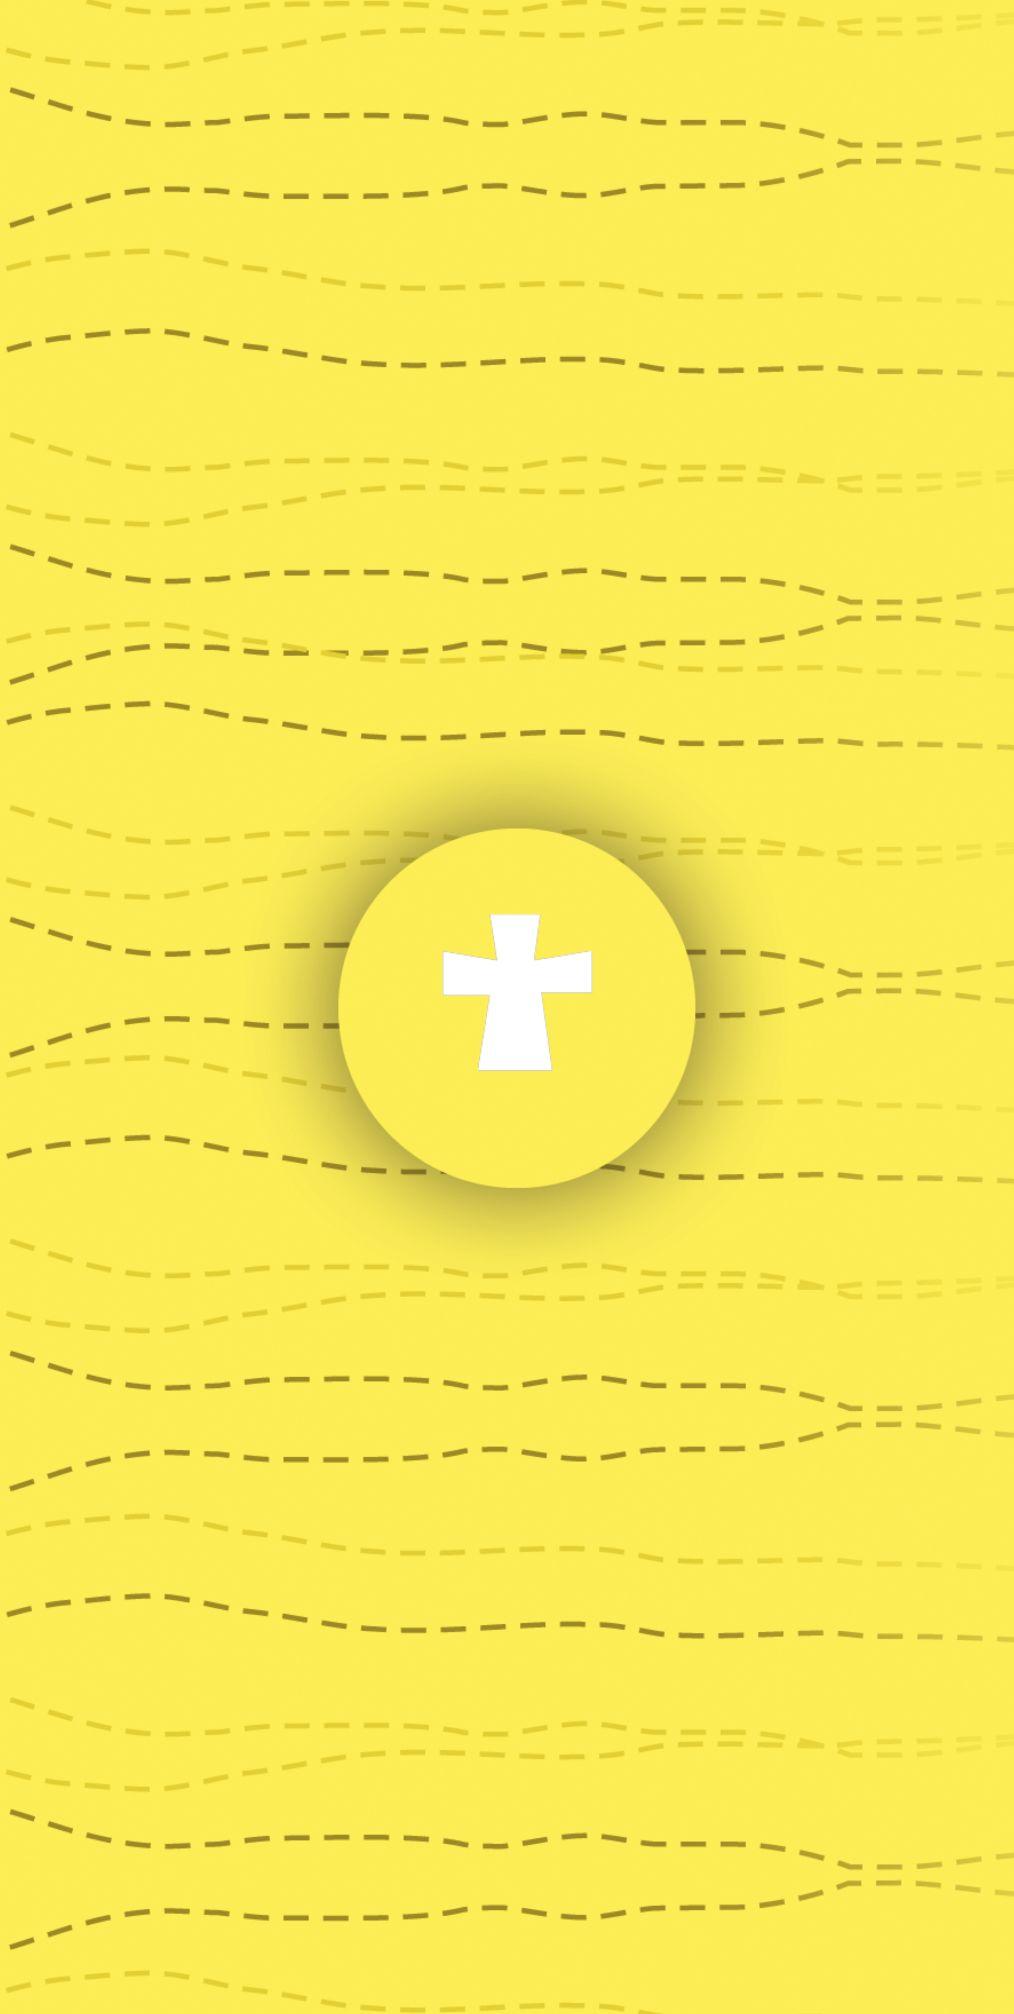 Ansicht 5 - Kommunion Danke Wellen Kreuz